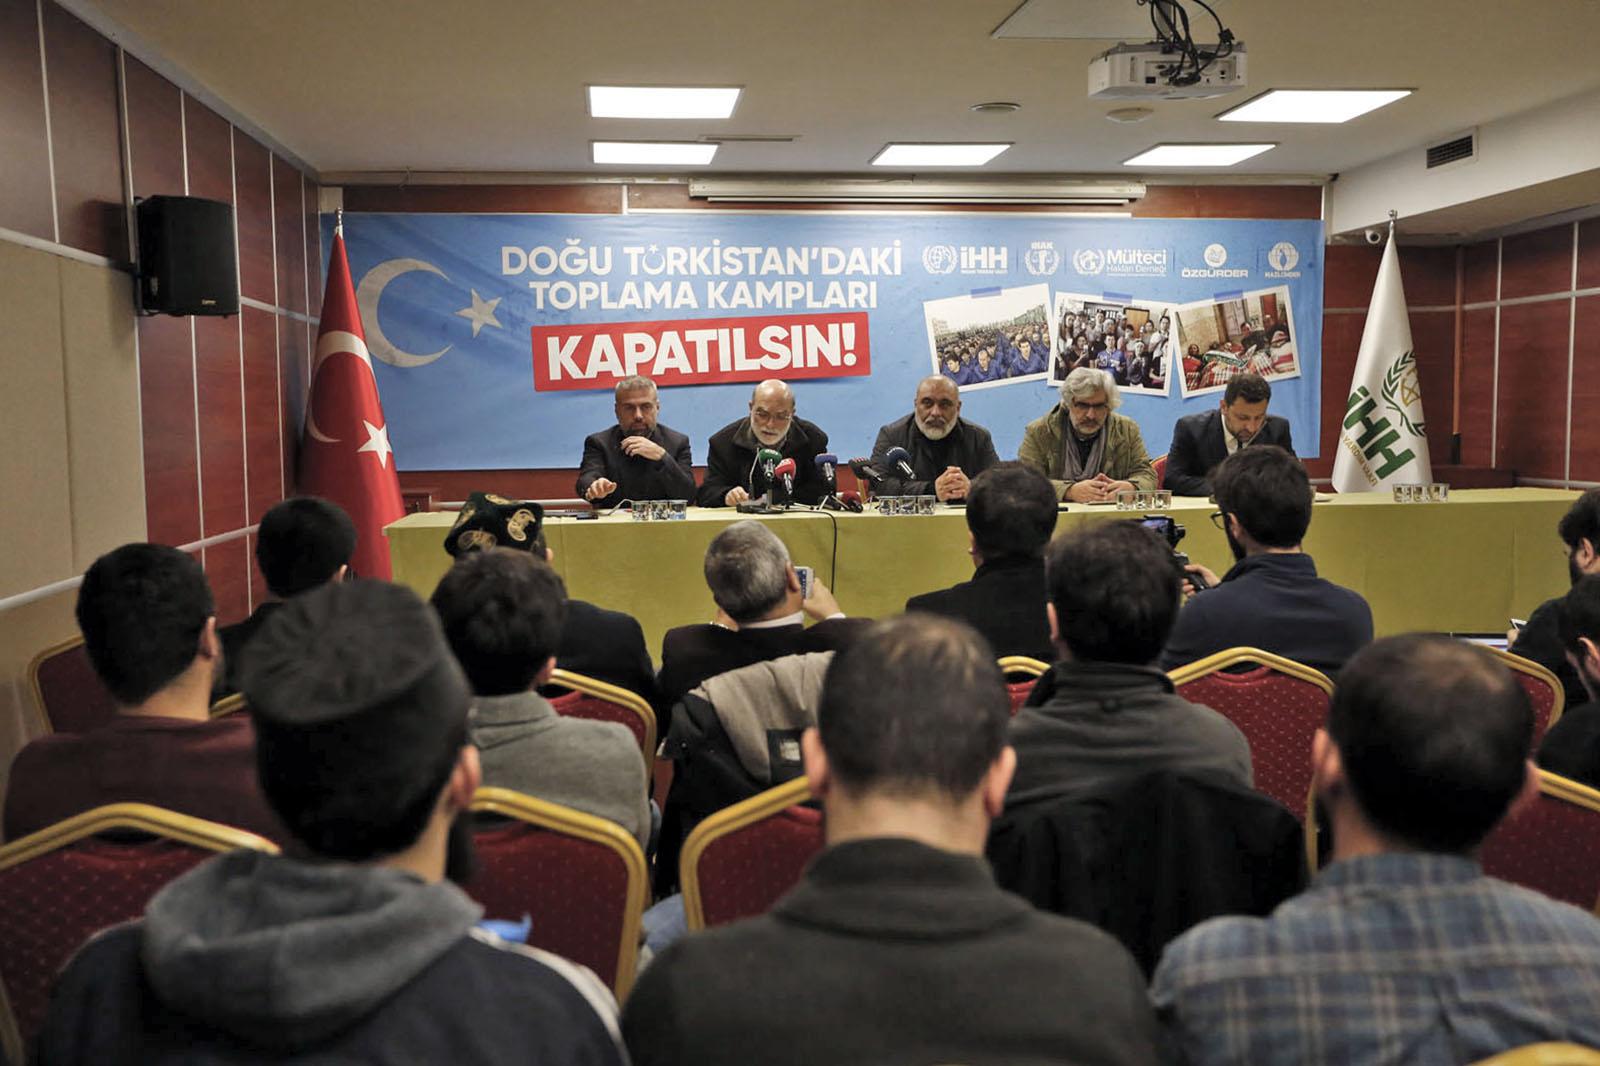 doğu-türkistan'daki-toplama-kamplari-kapatilsin!1.jpg